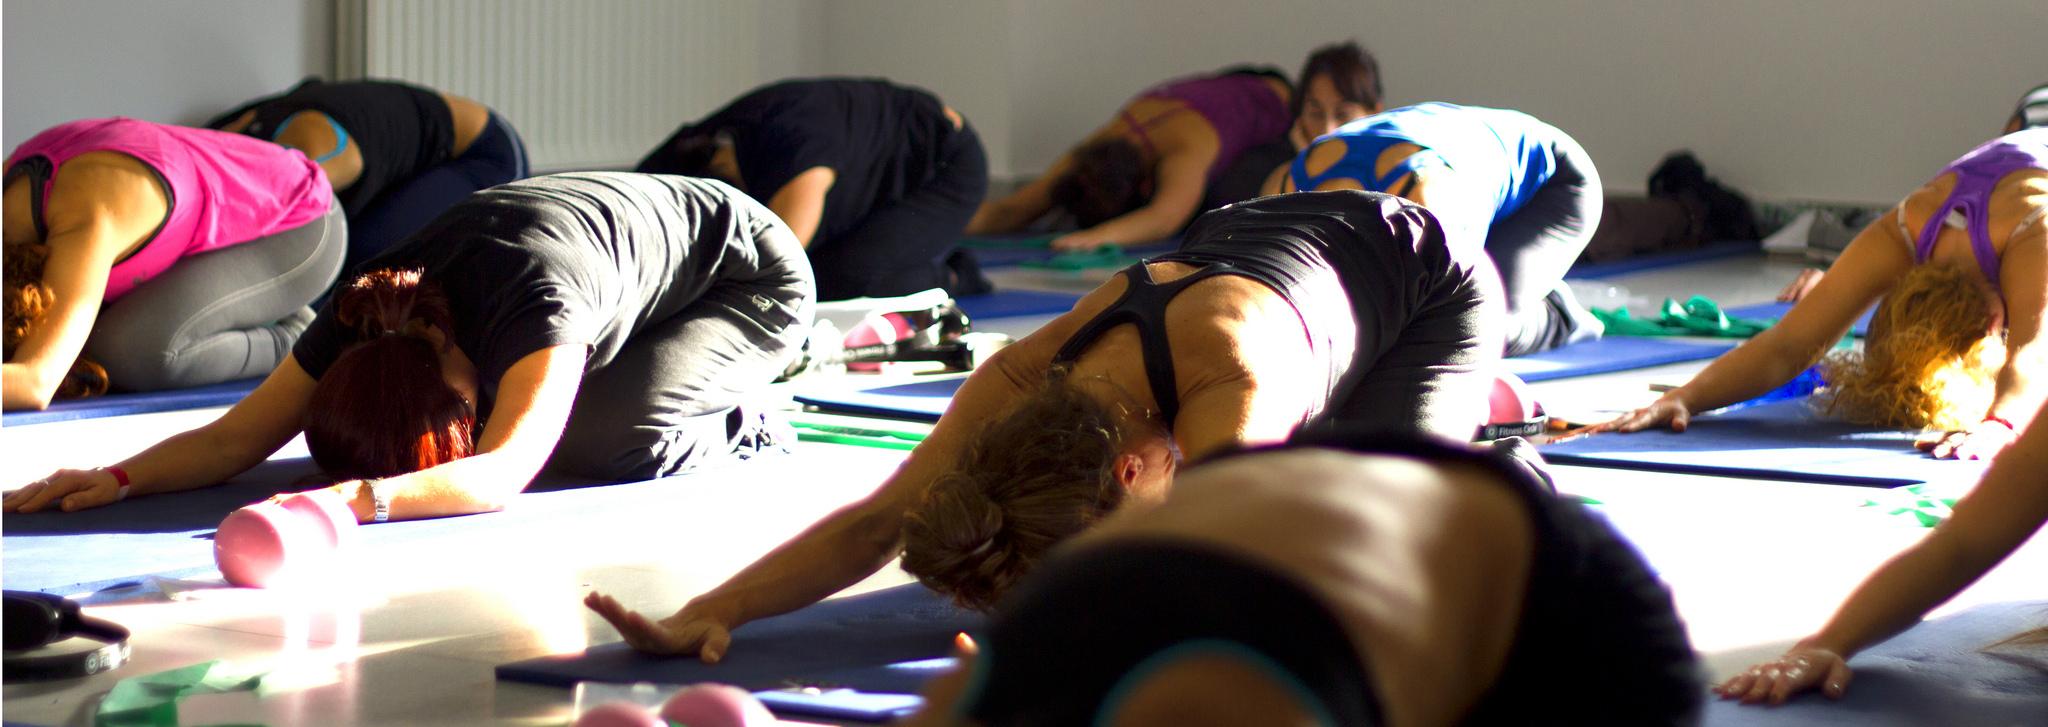 Doako ikastaroak irailean: Indoor-zikloa, esekidurazko entrenamendua eta pilates zoruan